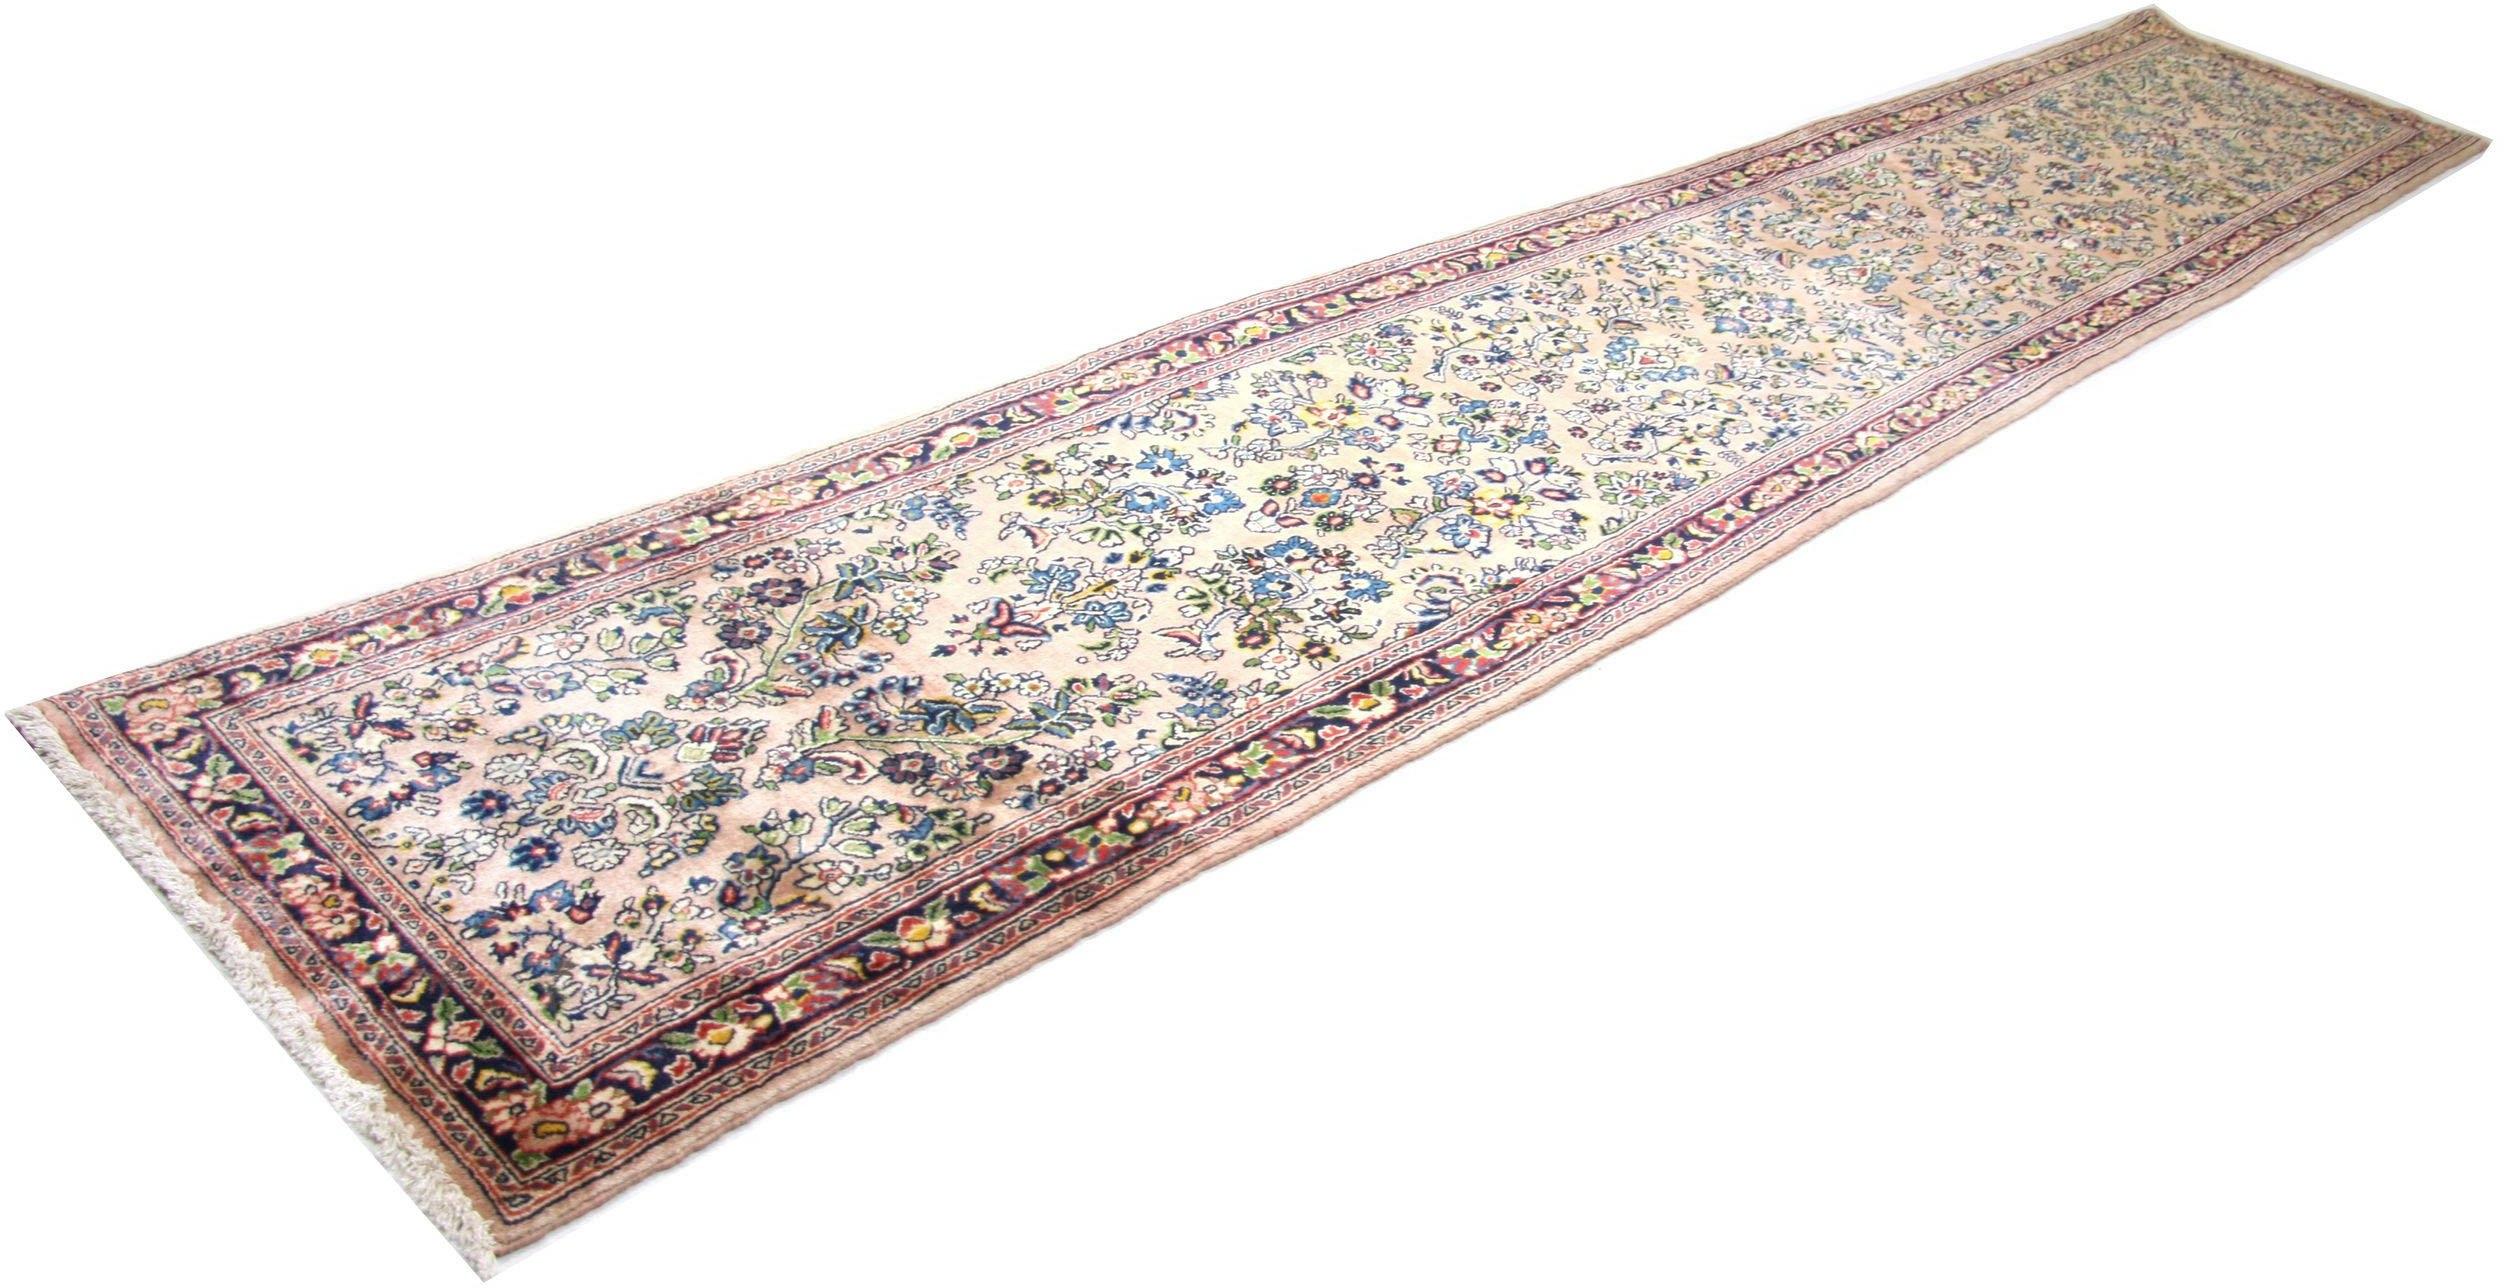 morgenland wollen kleed Sarough Teppich handgeknüpft rosa voordelig en veilig online kopen